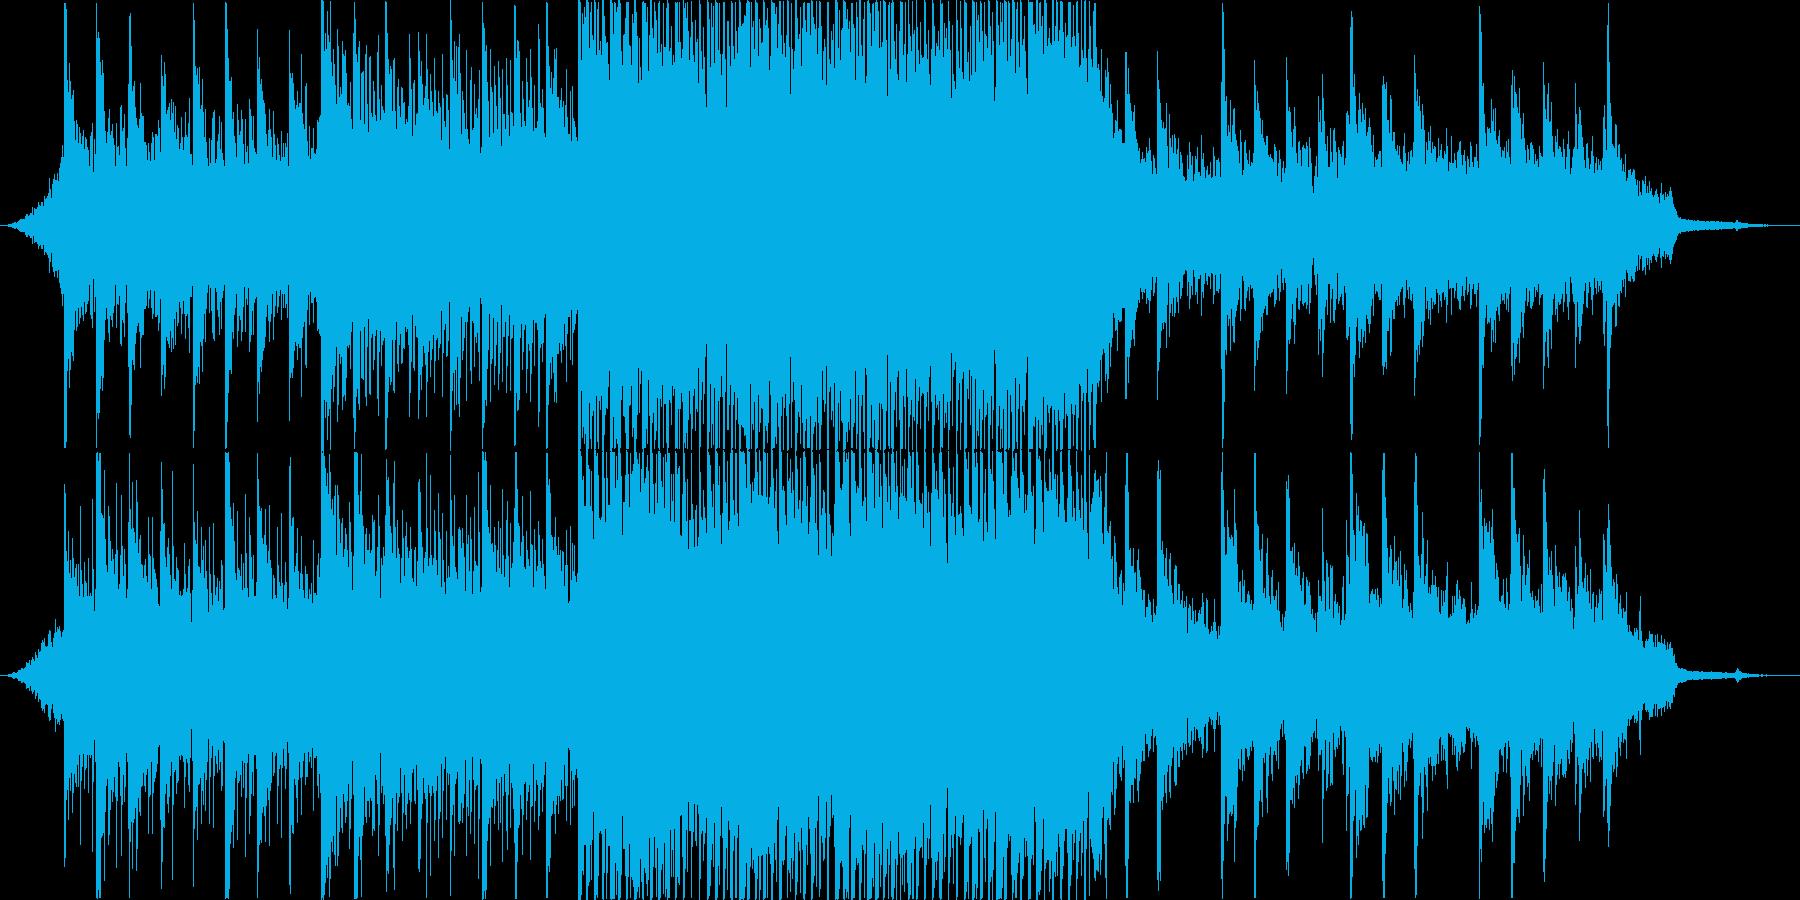 爽やかなアップビートポップ・コーポレートの再生済みの波形